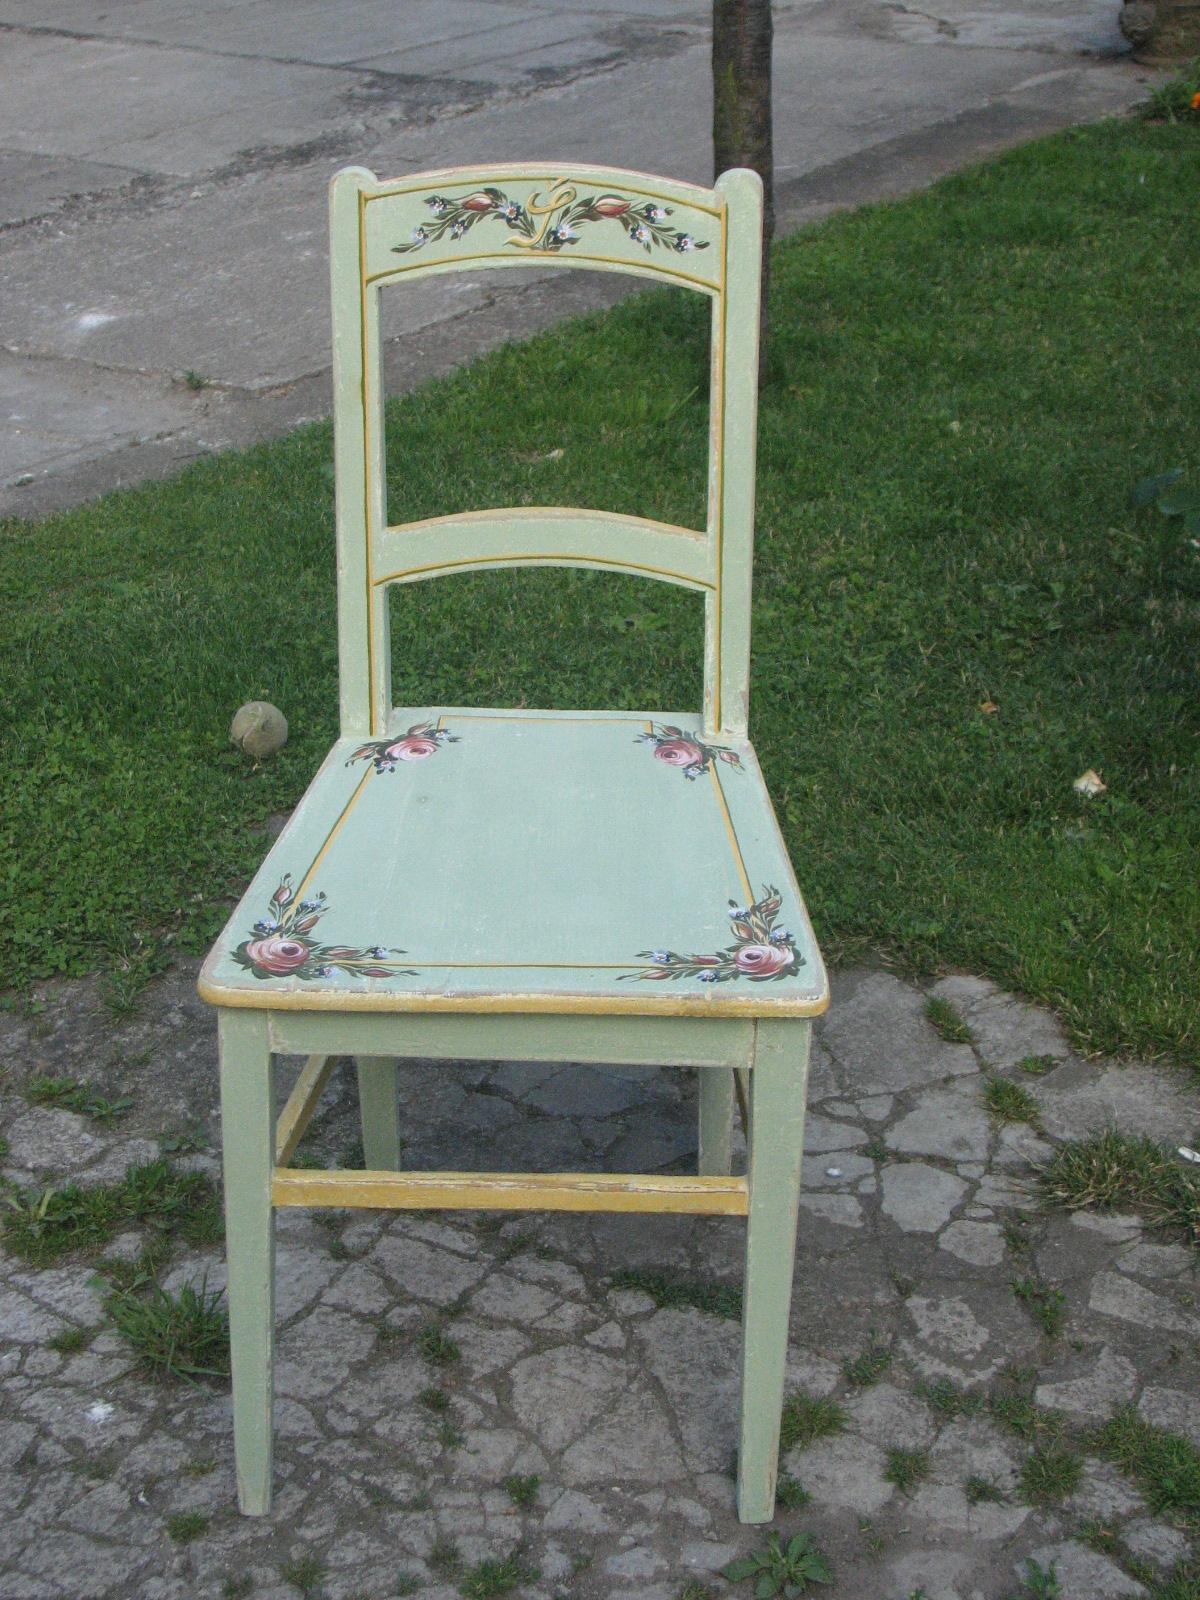 Ručně malovaná židle světle zelená s iniciály, růžemi a pomněnkami 2